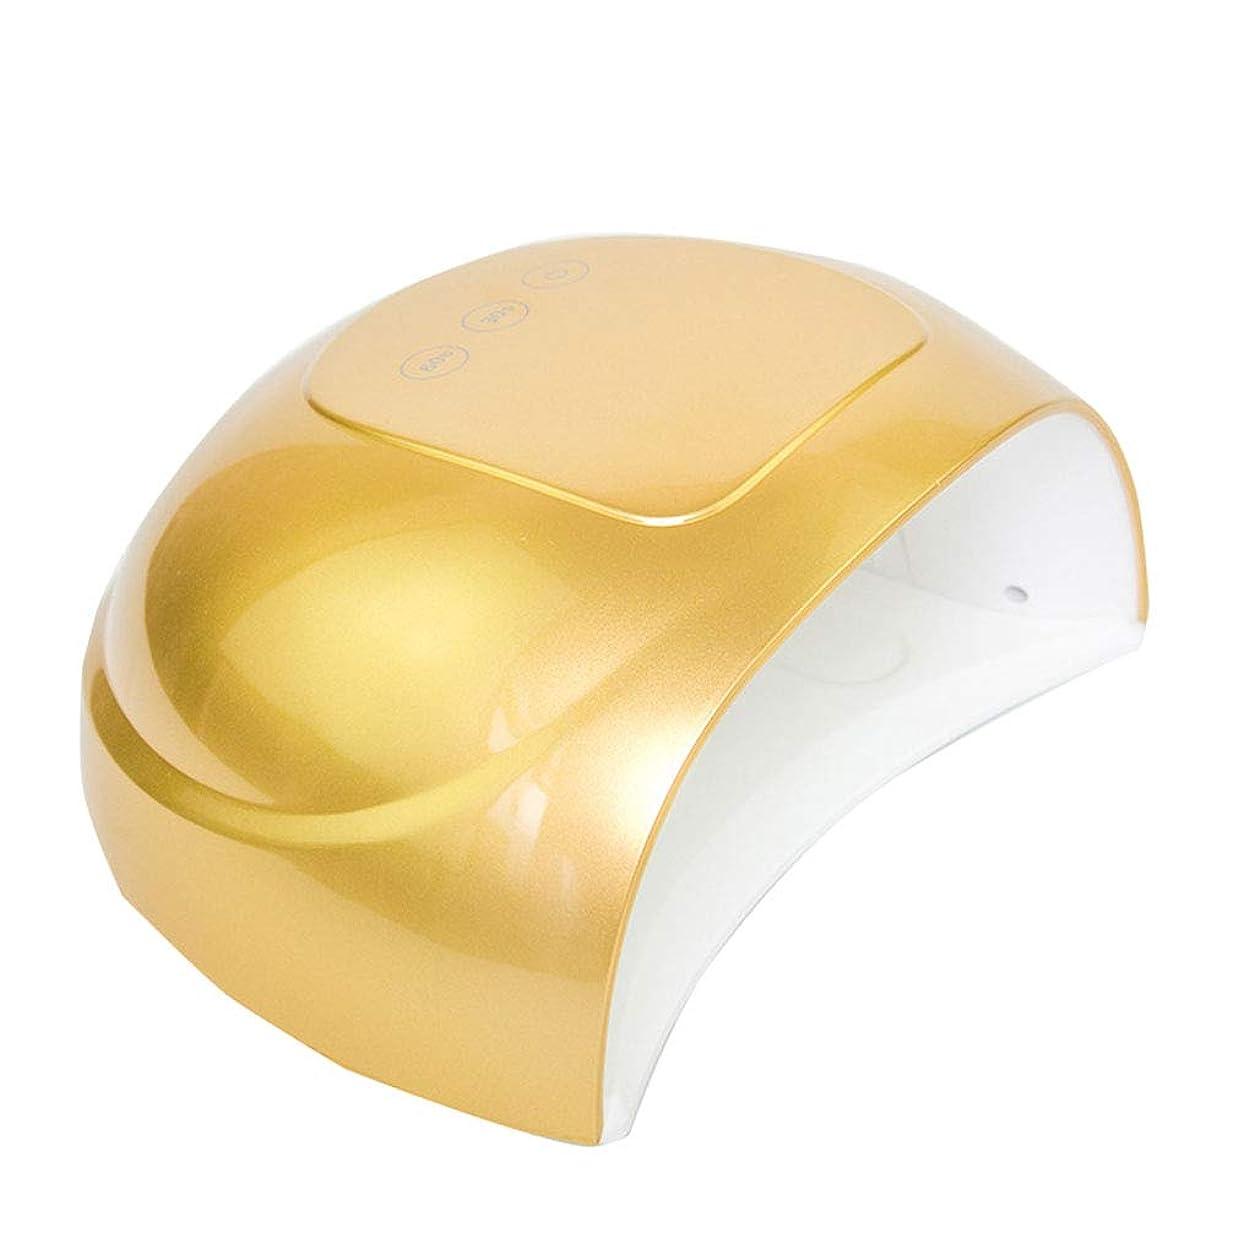 重力地雷原リボンネイルドライヤー新しい36ワット紫外線ledランプすべてのタイプジェルled紫外線ランプ用ネイルマニキュア日光赤外線センシングスマート,Gold